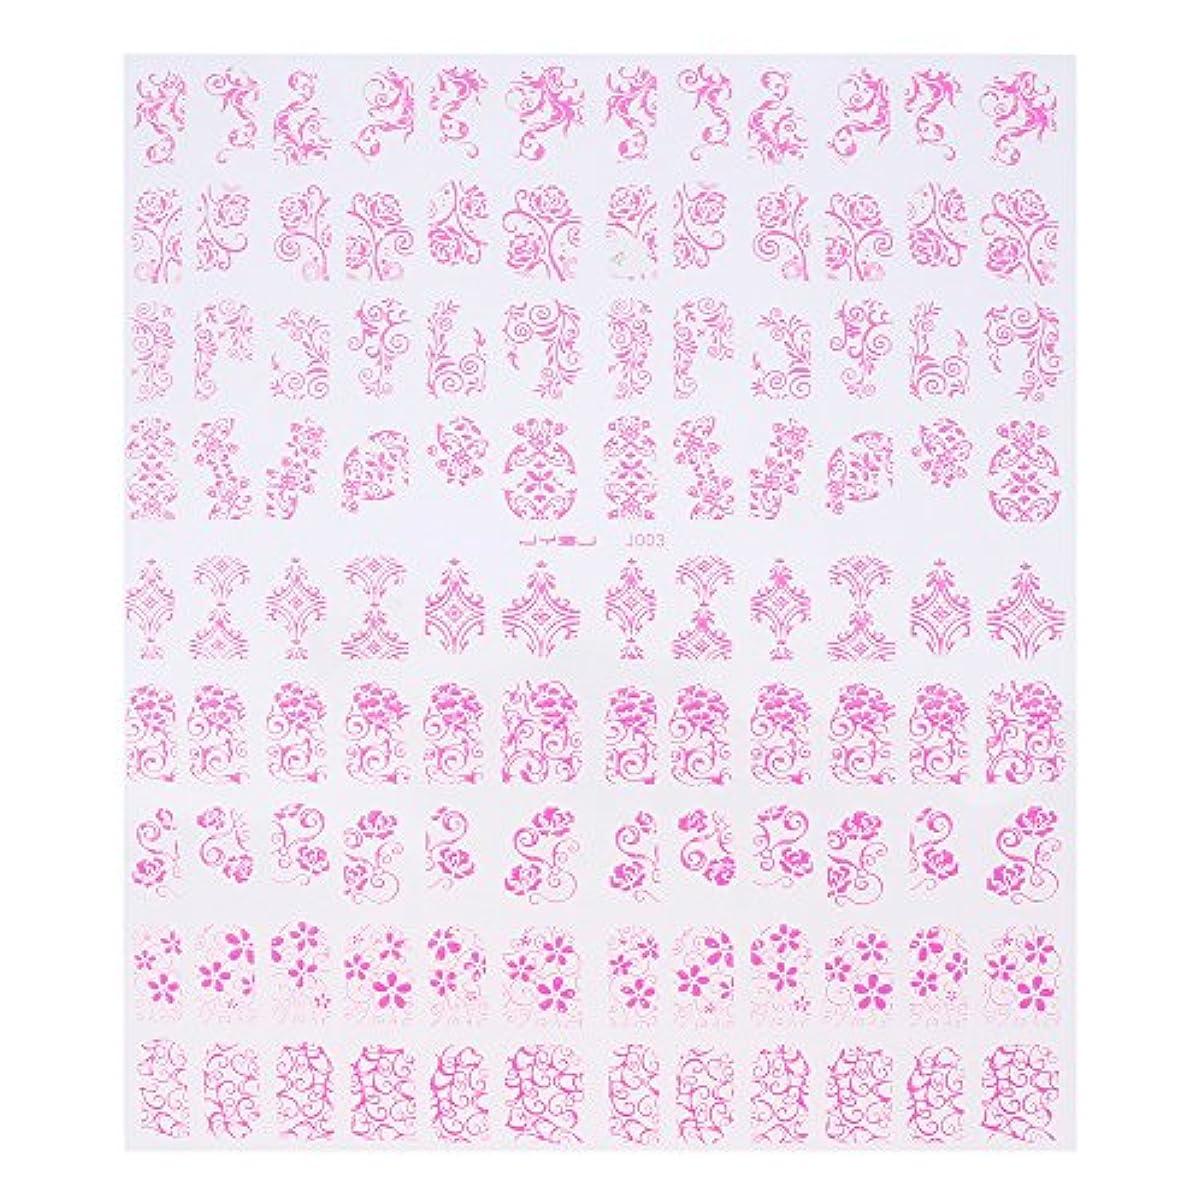 1シートチャームゴールドメッキ 花ネイルアート ステッカーネイルデカール ピンク